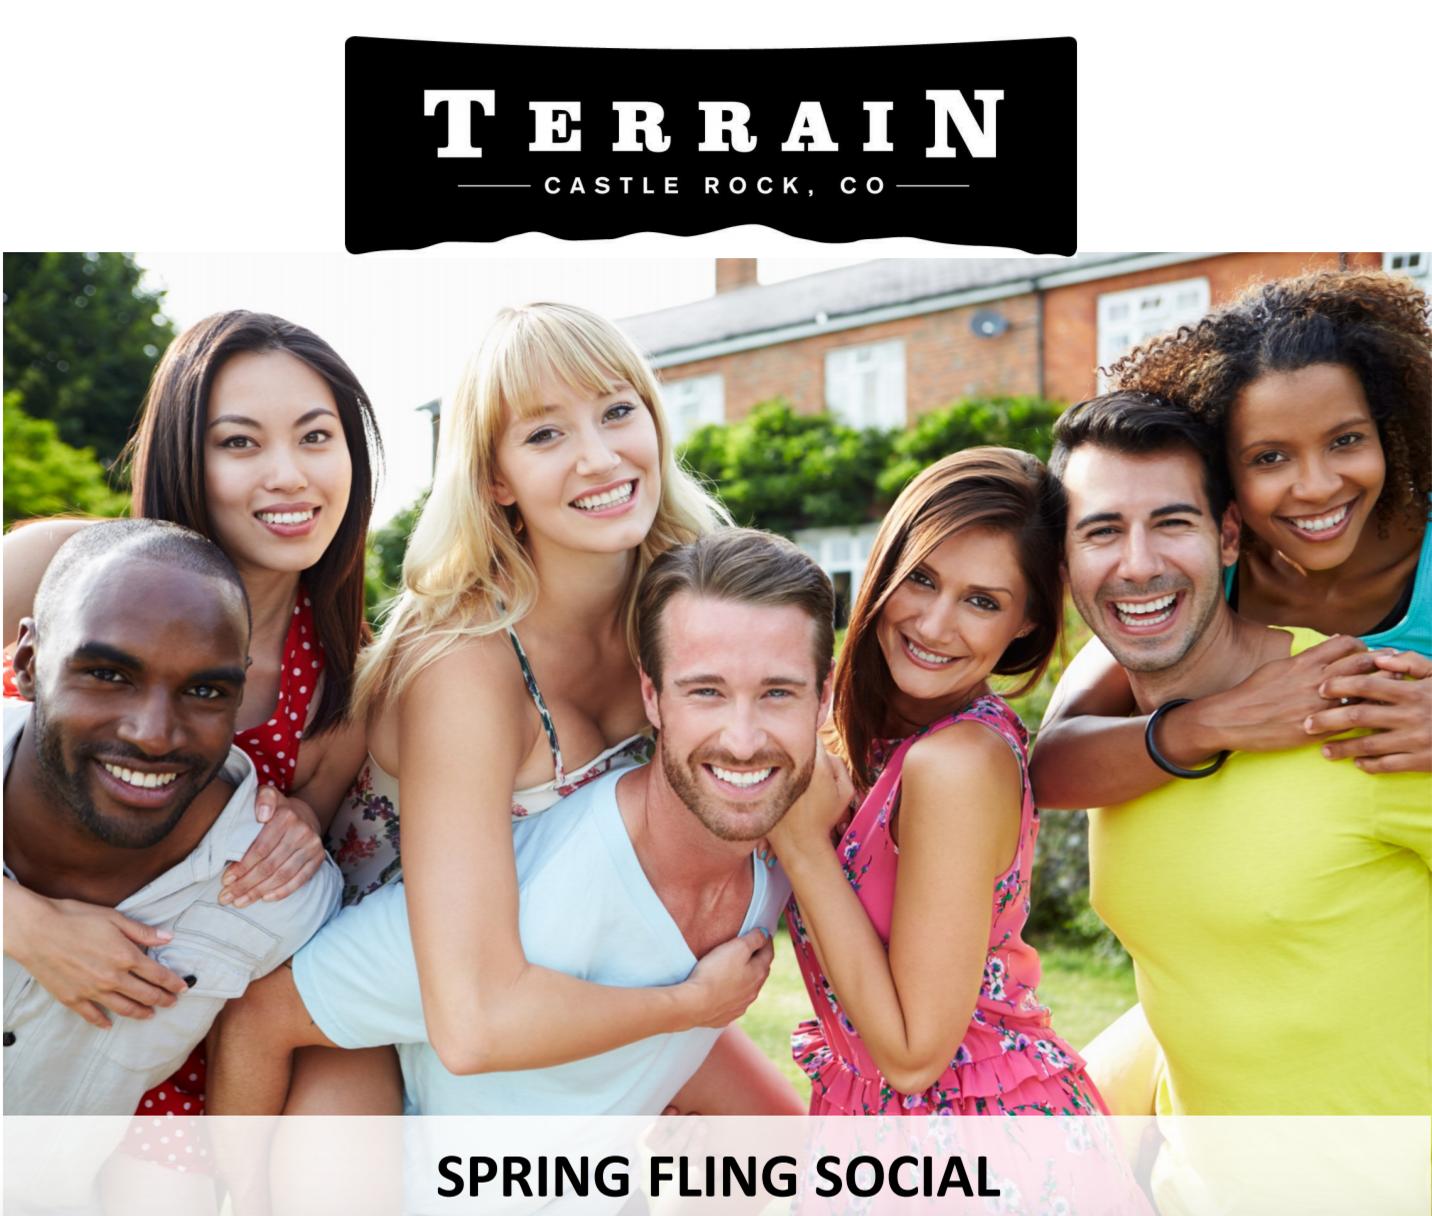 SPRING FLING SOCIAL